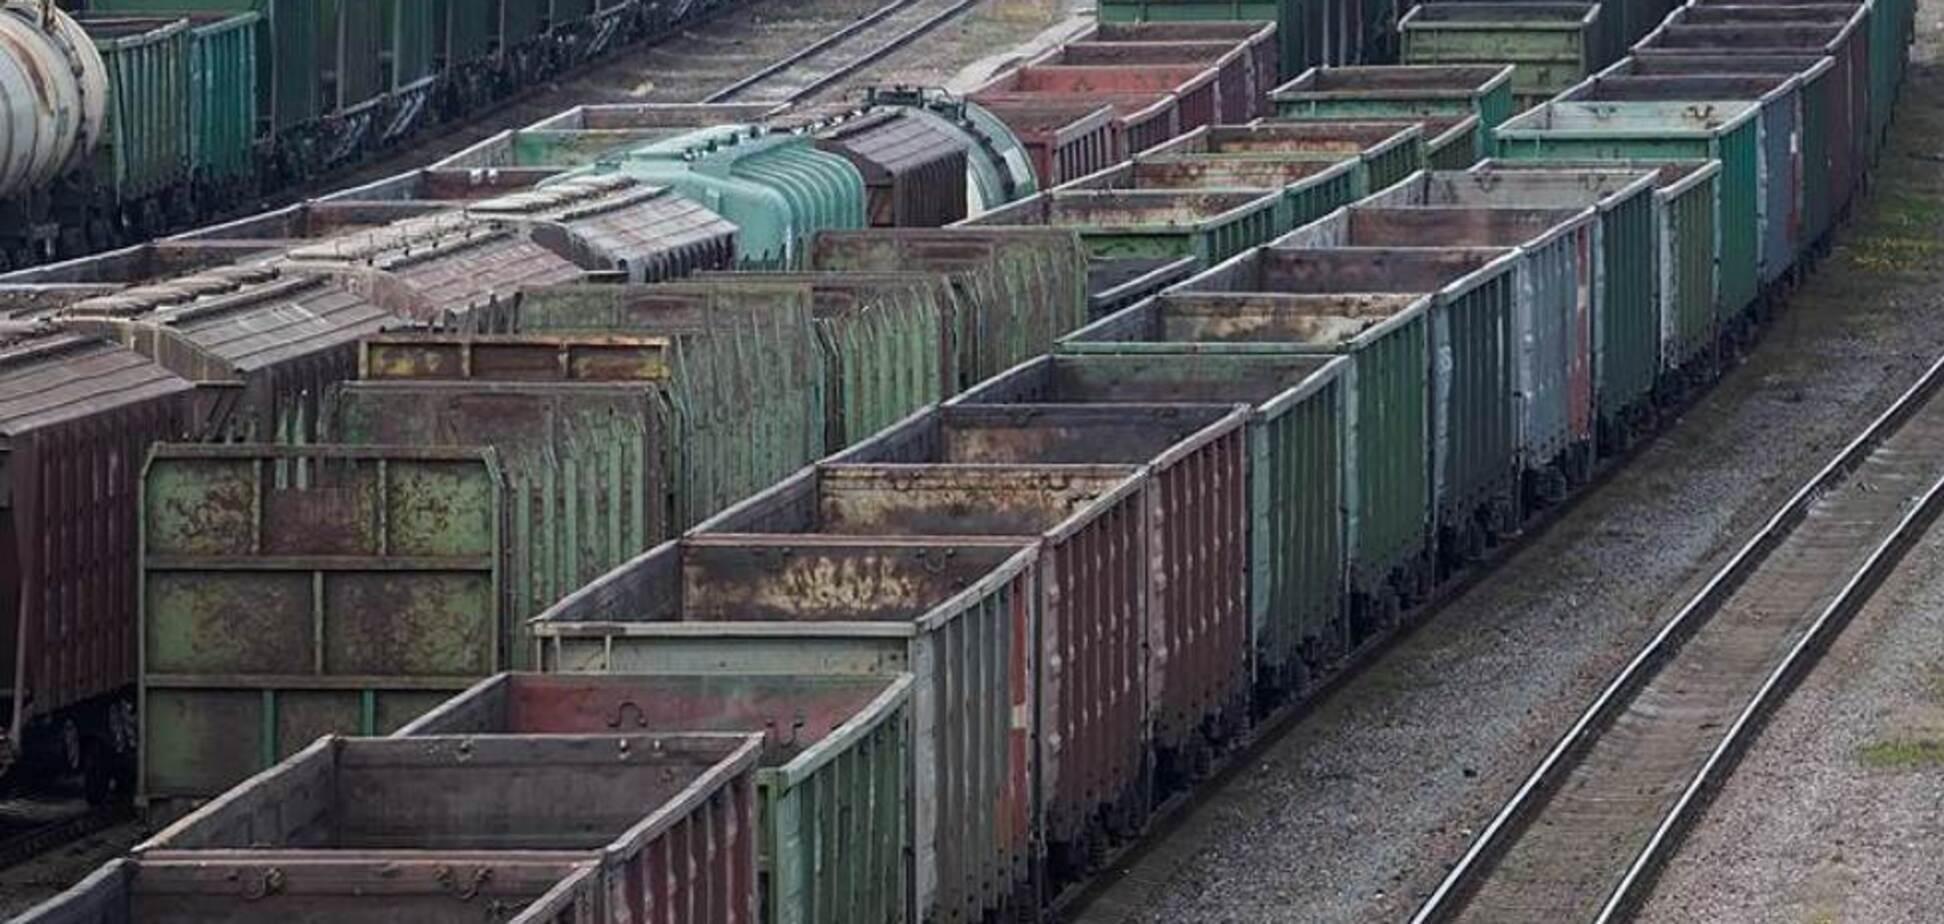 Списание старых вагонов грозит подорожанием товаров и судебными исками, – нардеп